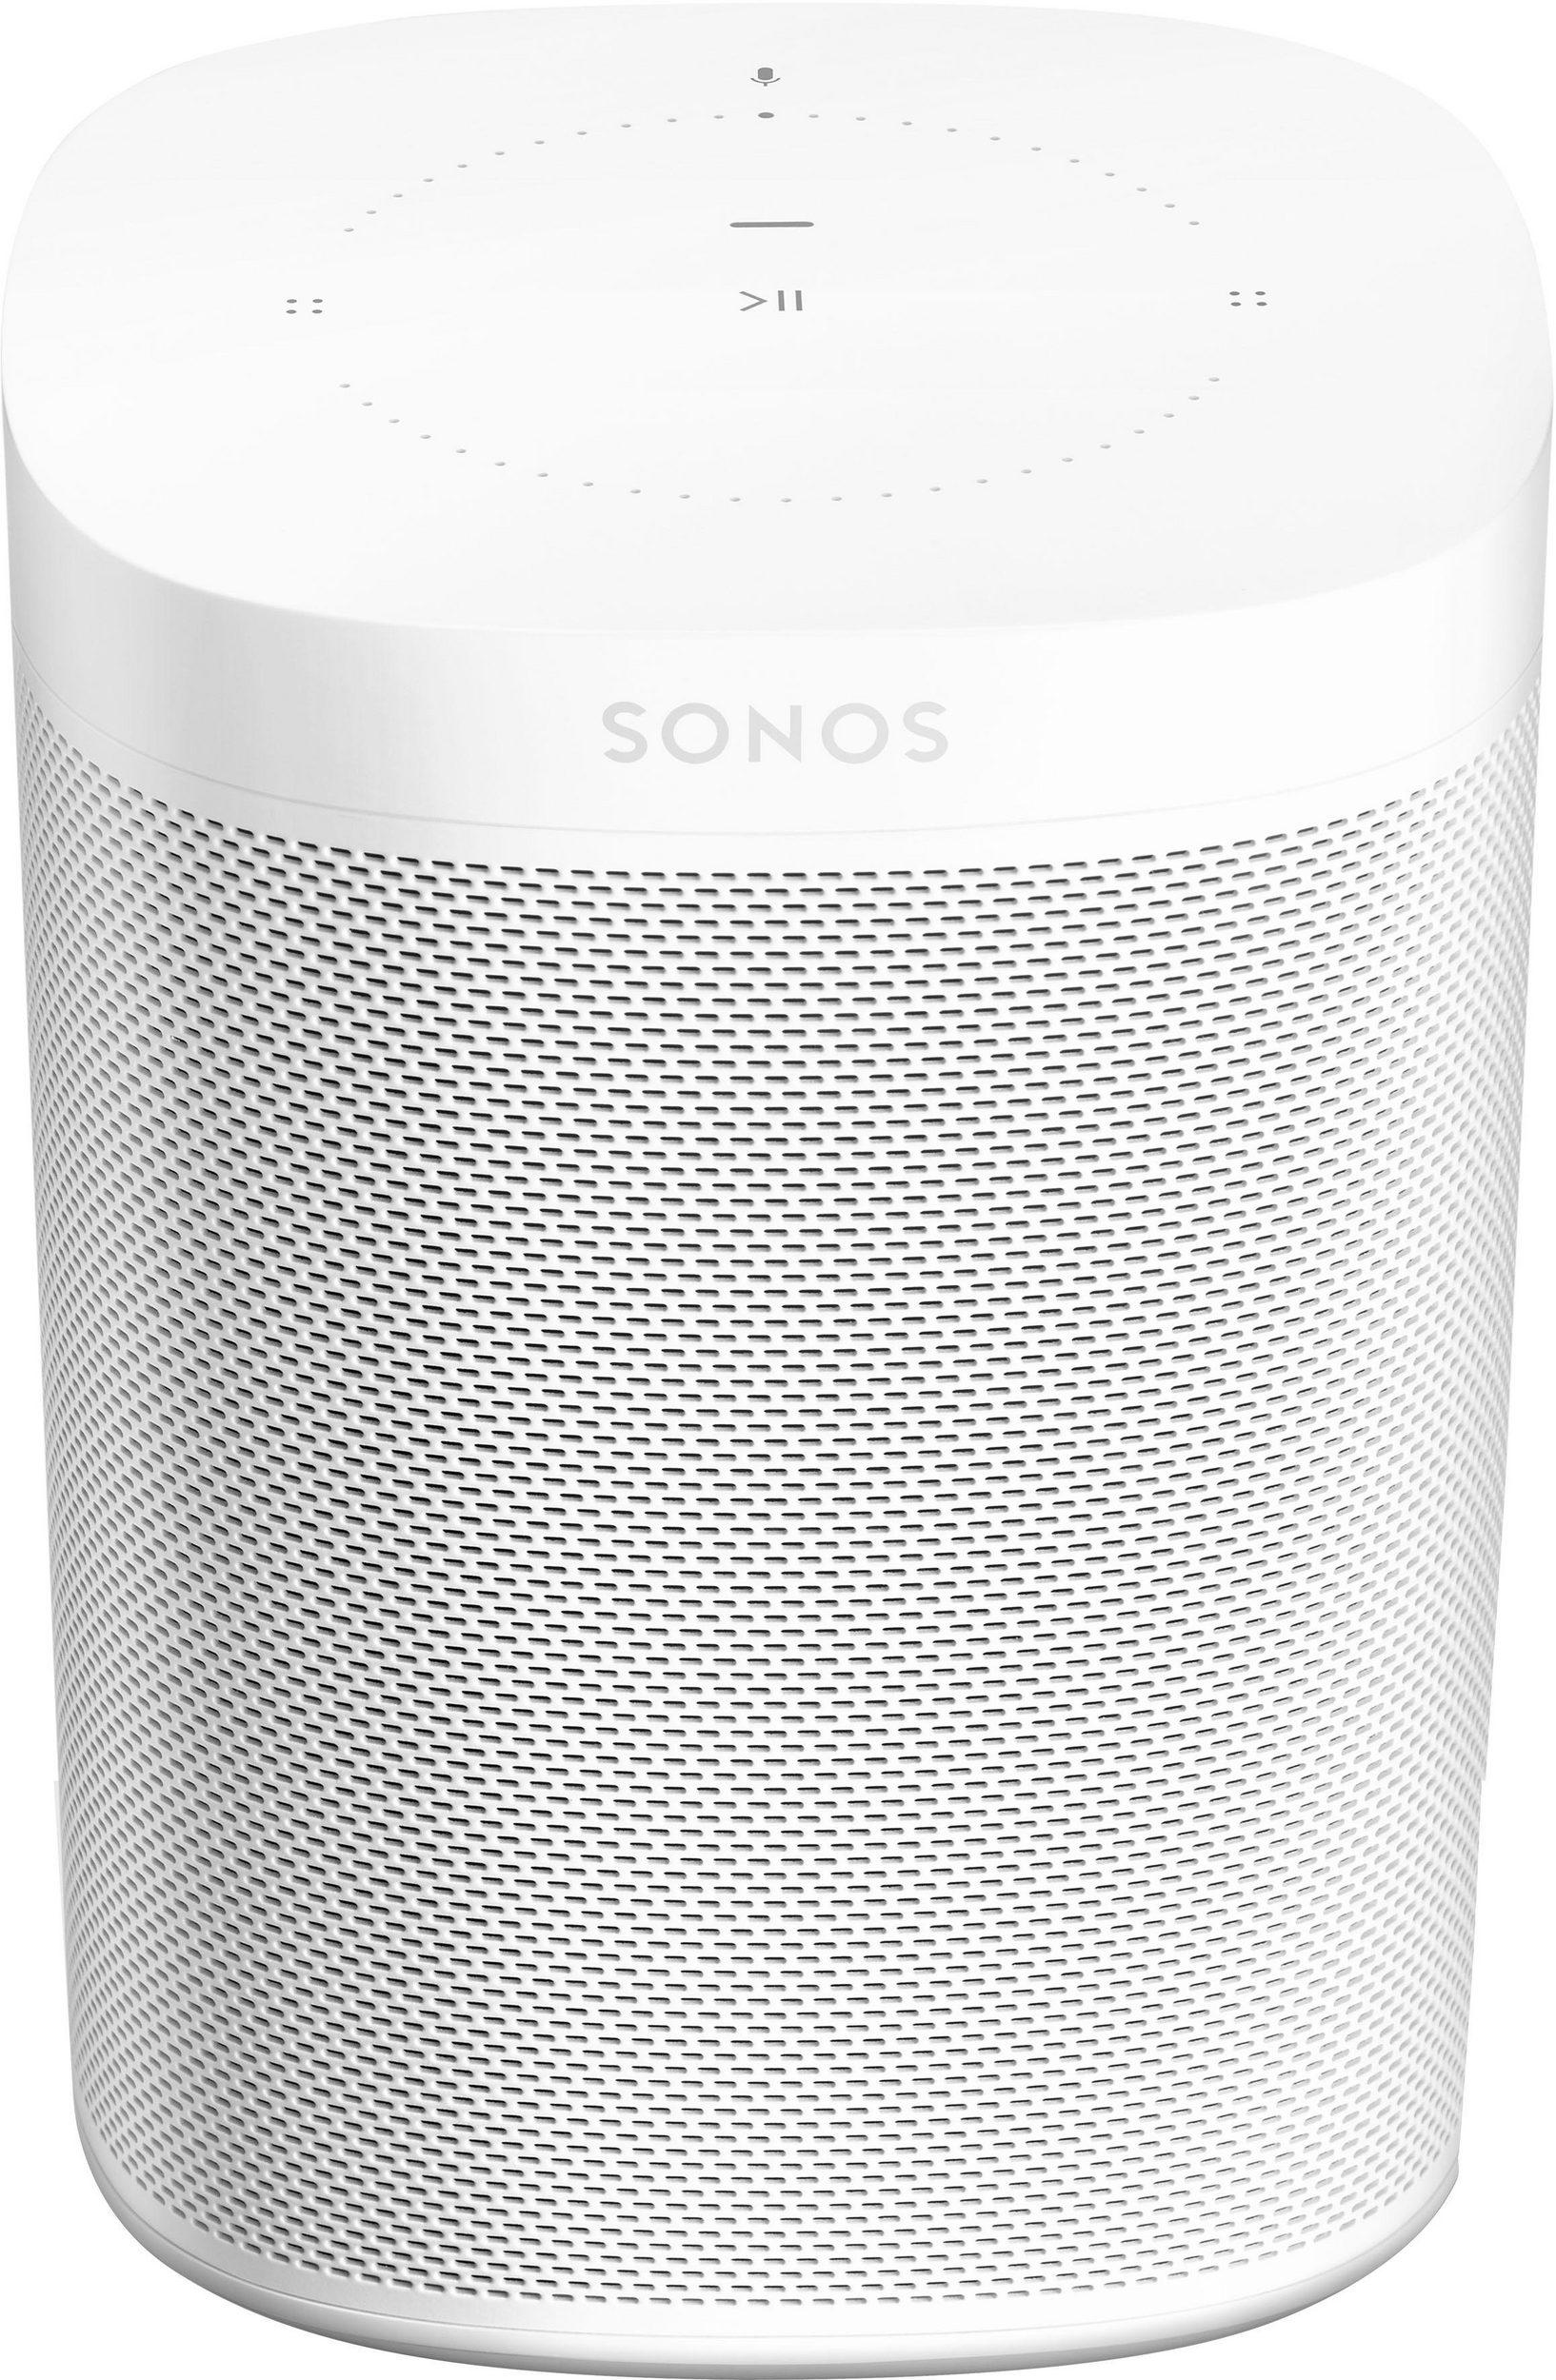 Sonos One 2. Gen Smart Speaker schwarz/weiss für 169€ inkl. Versandkosten